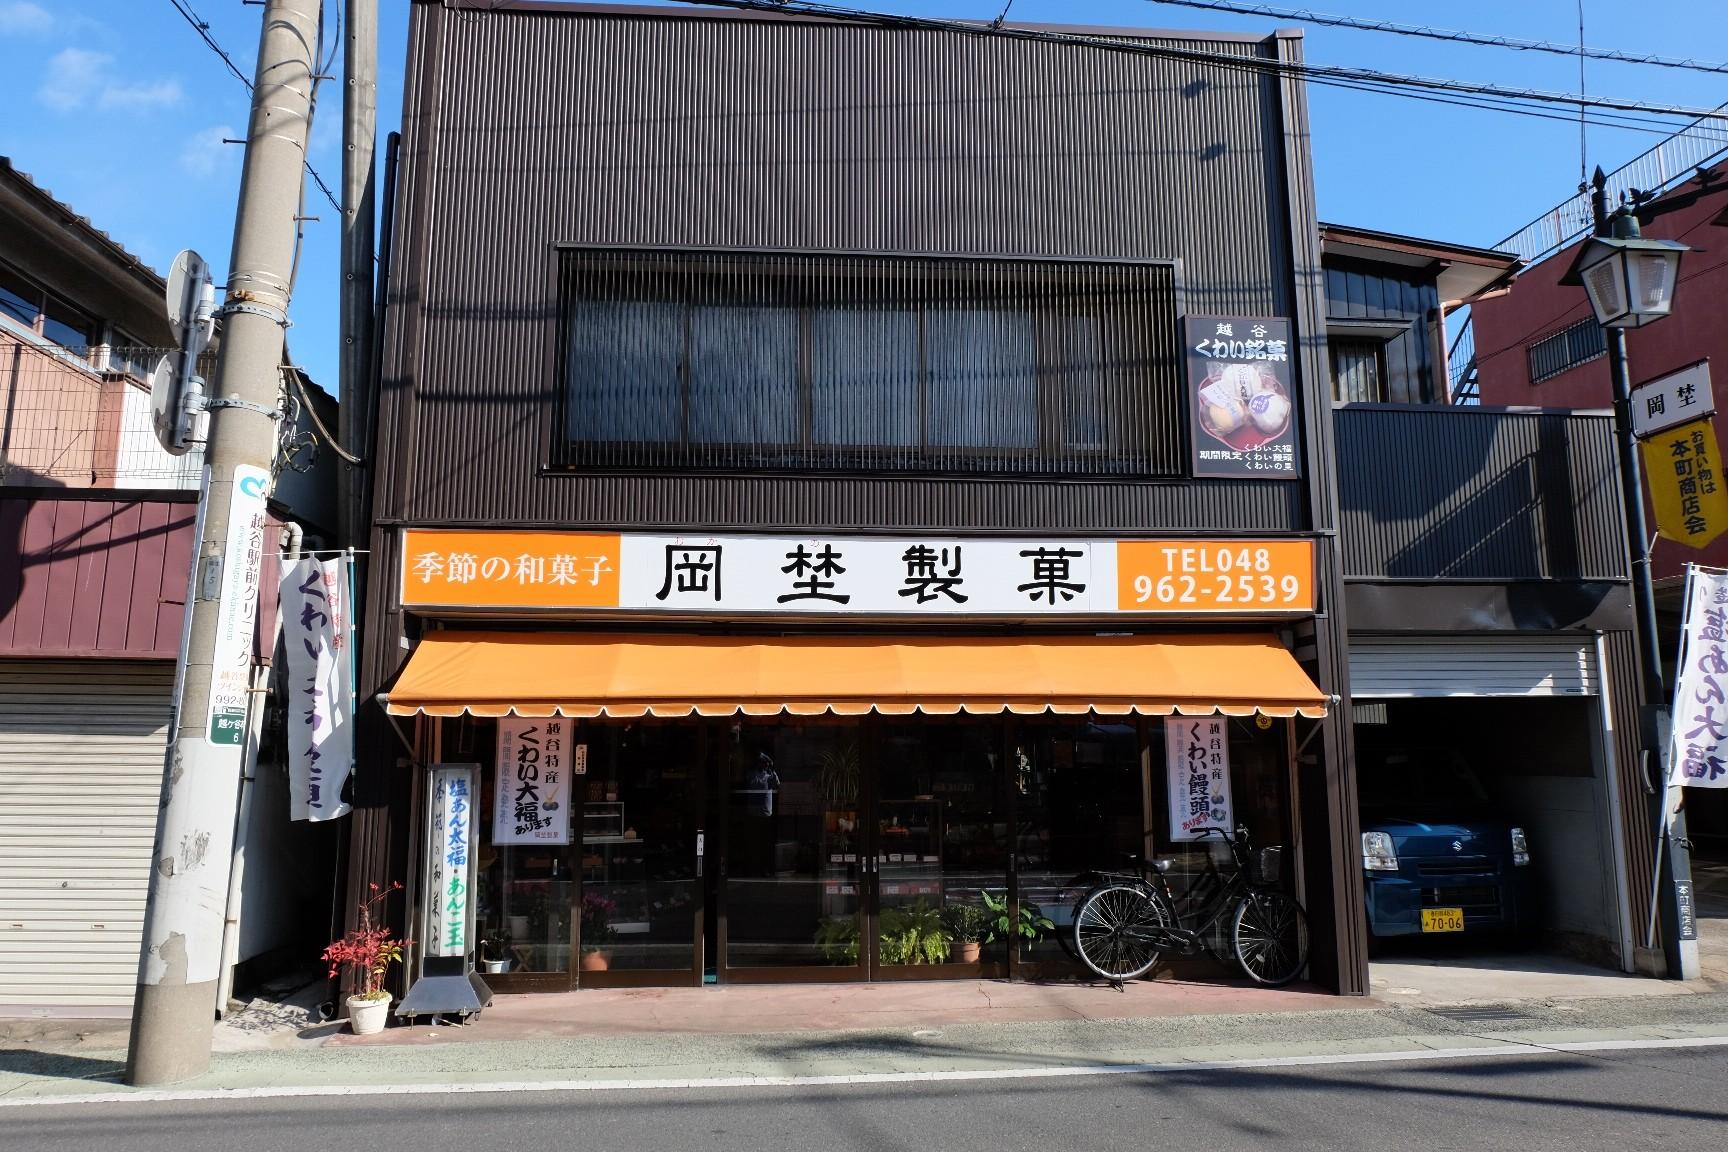 続いて岡埜製菓店へ。上生菓子の手づくり体験をします